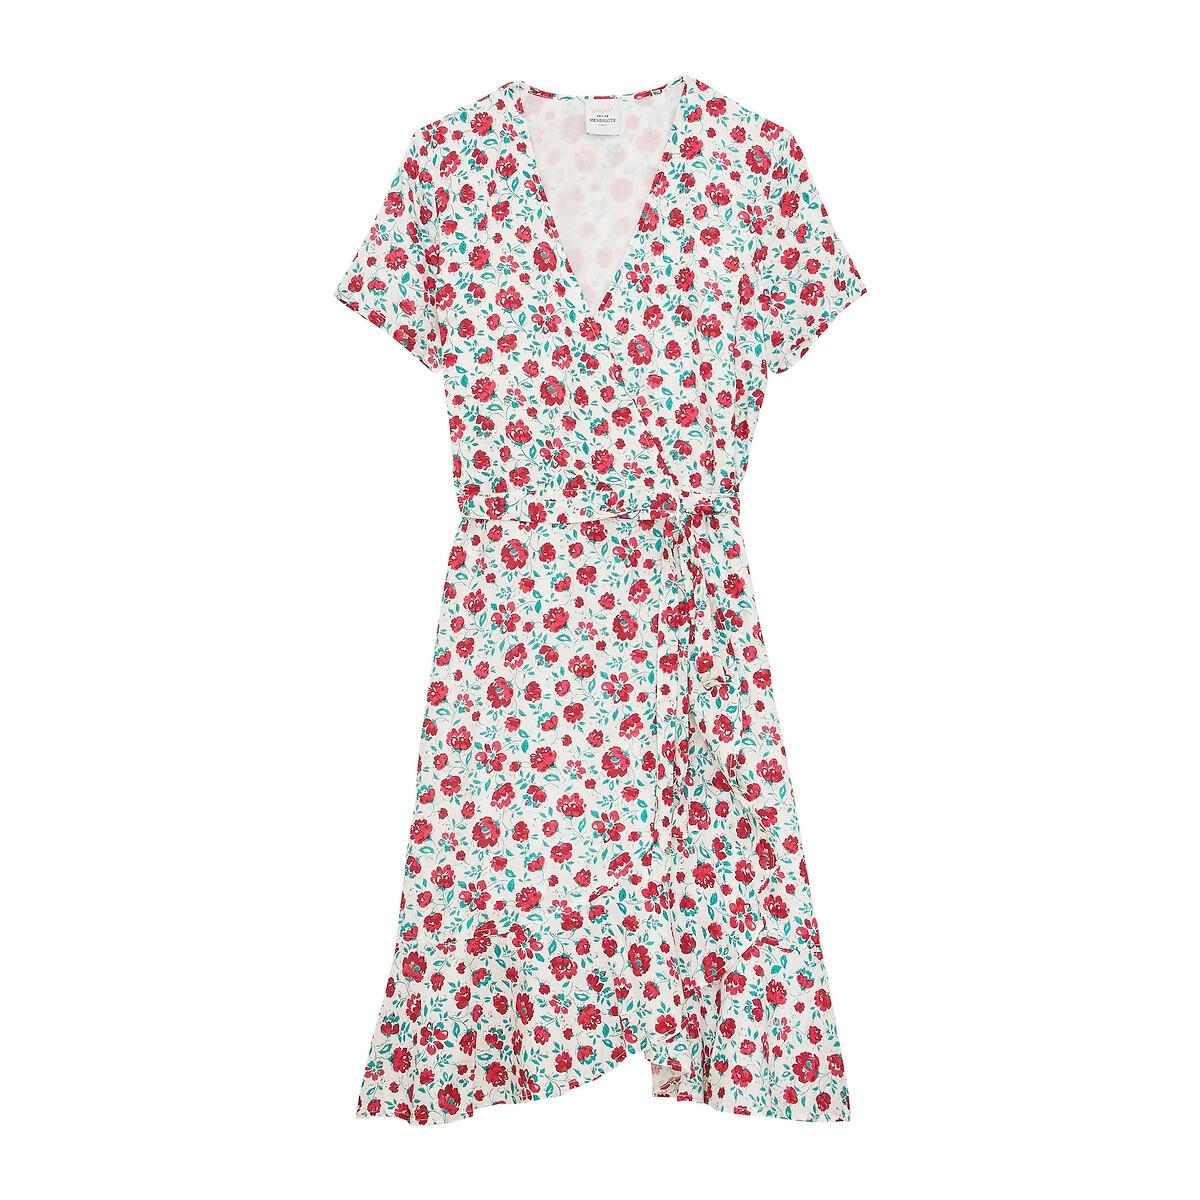 Платье LaRedoute С запахом и цветочным принтом короткое AGNES S розовый